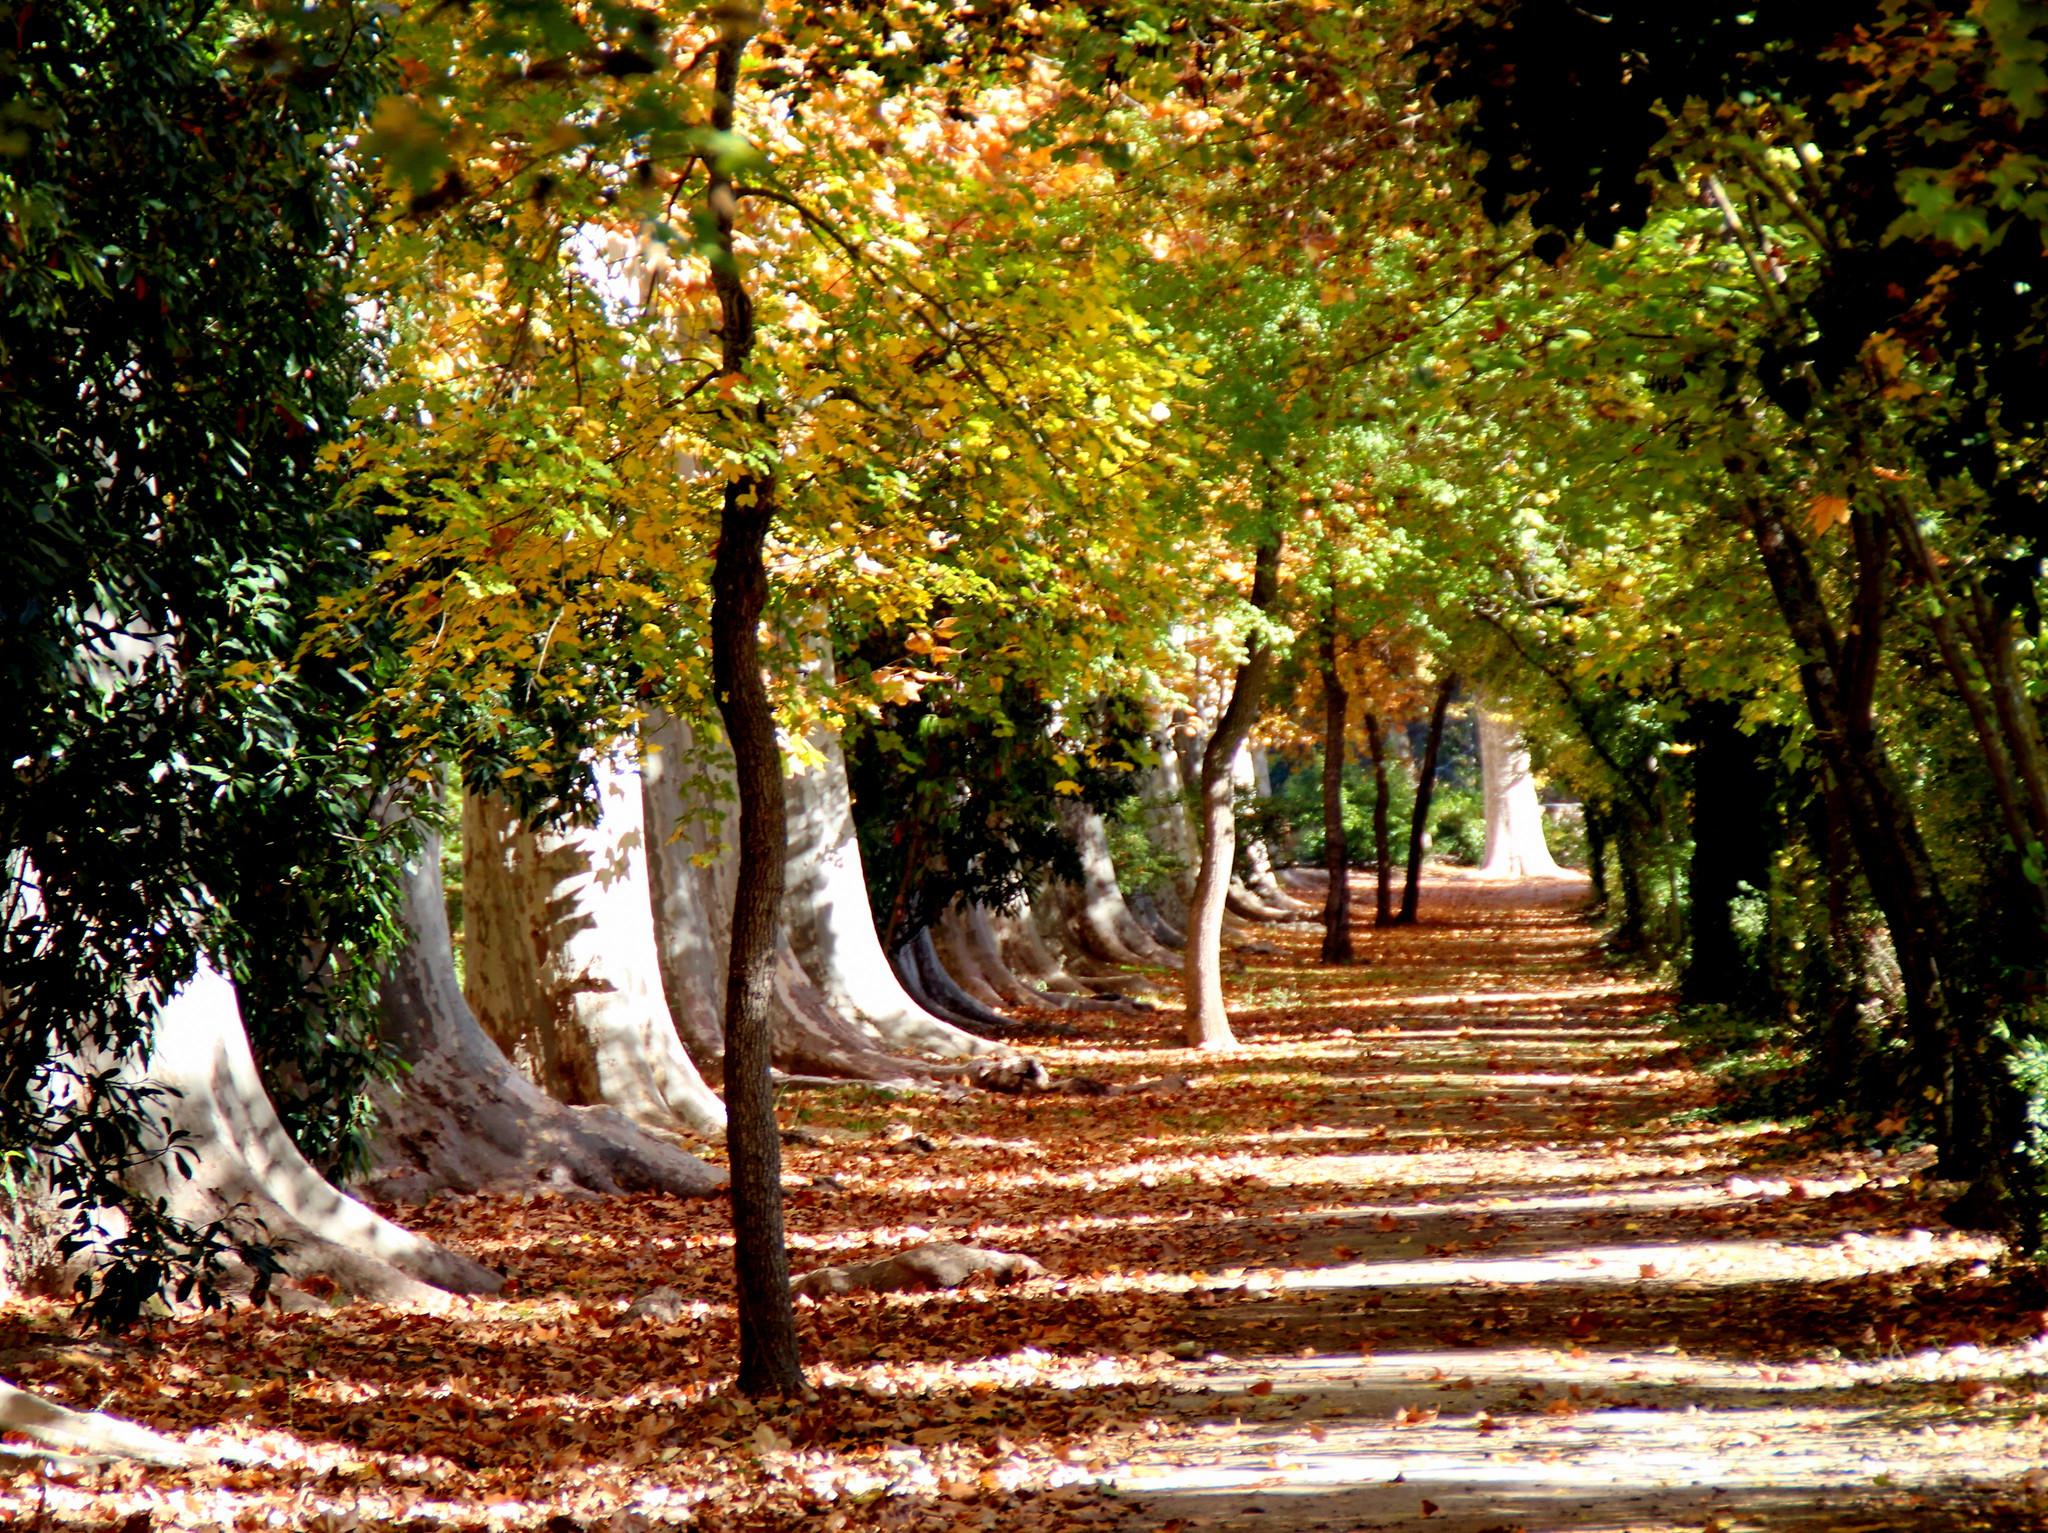 Oto o en los jardines de aranjuez flickr photo sharing for Jardines en otono